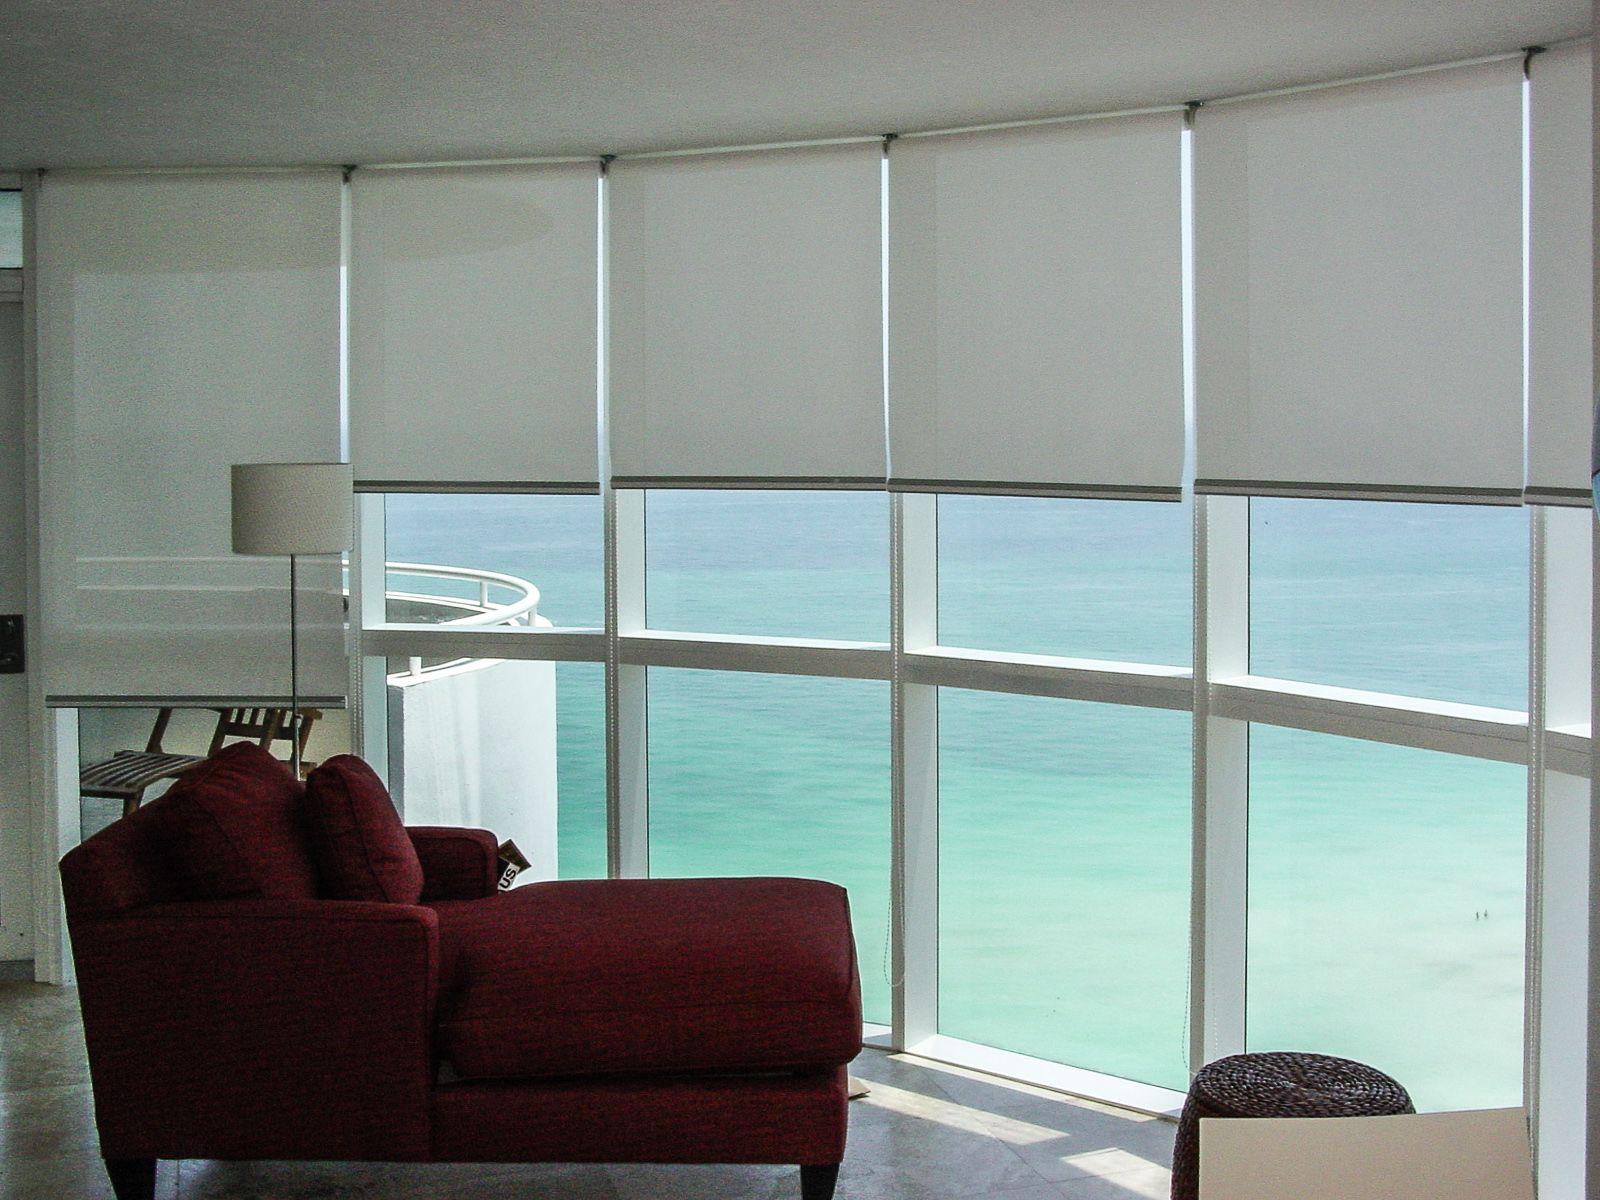 roller blinds cortinas roller decorartehogar www. Black Bedroom Furniture Sets. Home Design Ideas